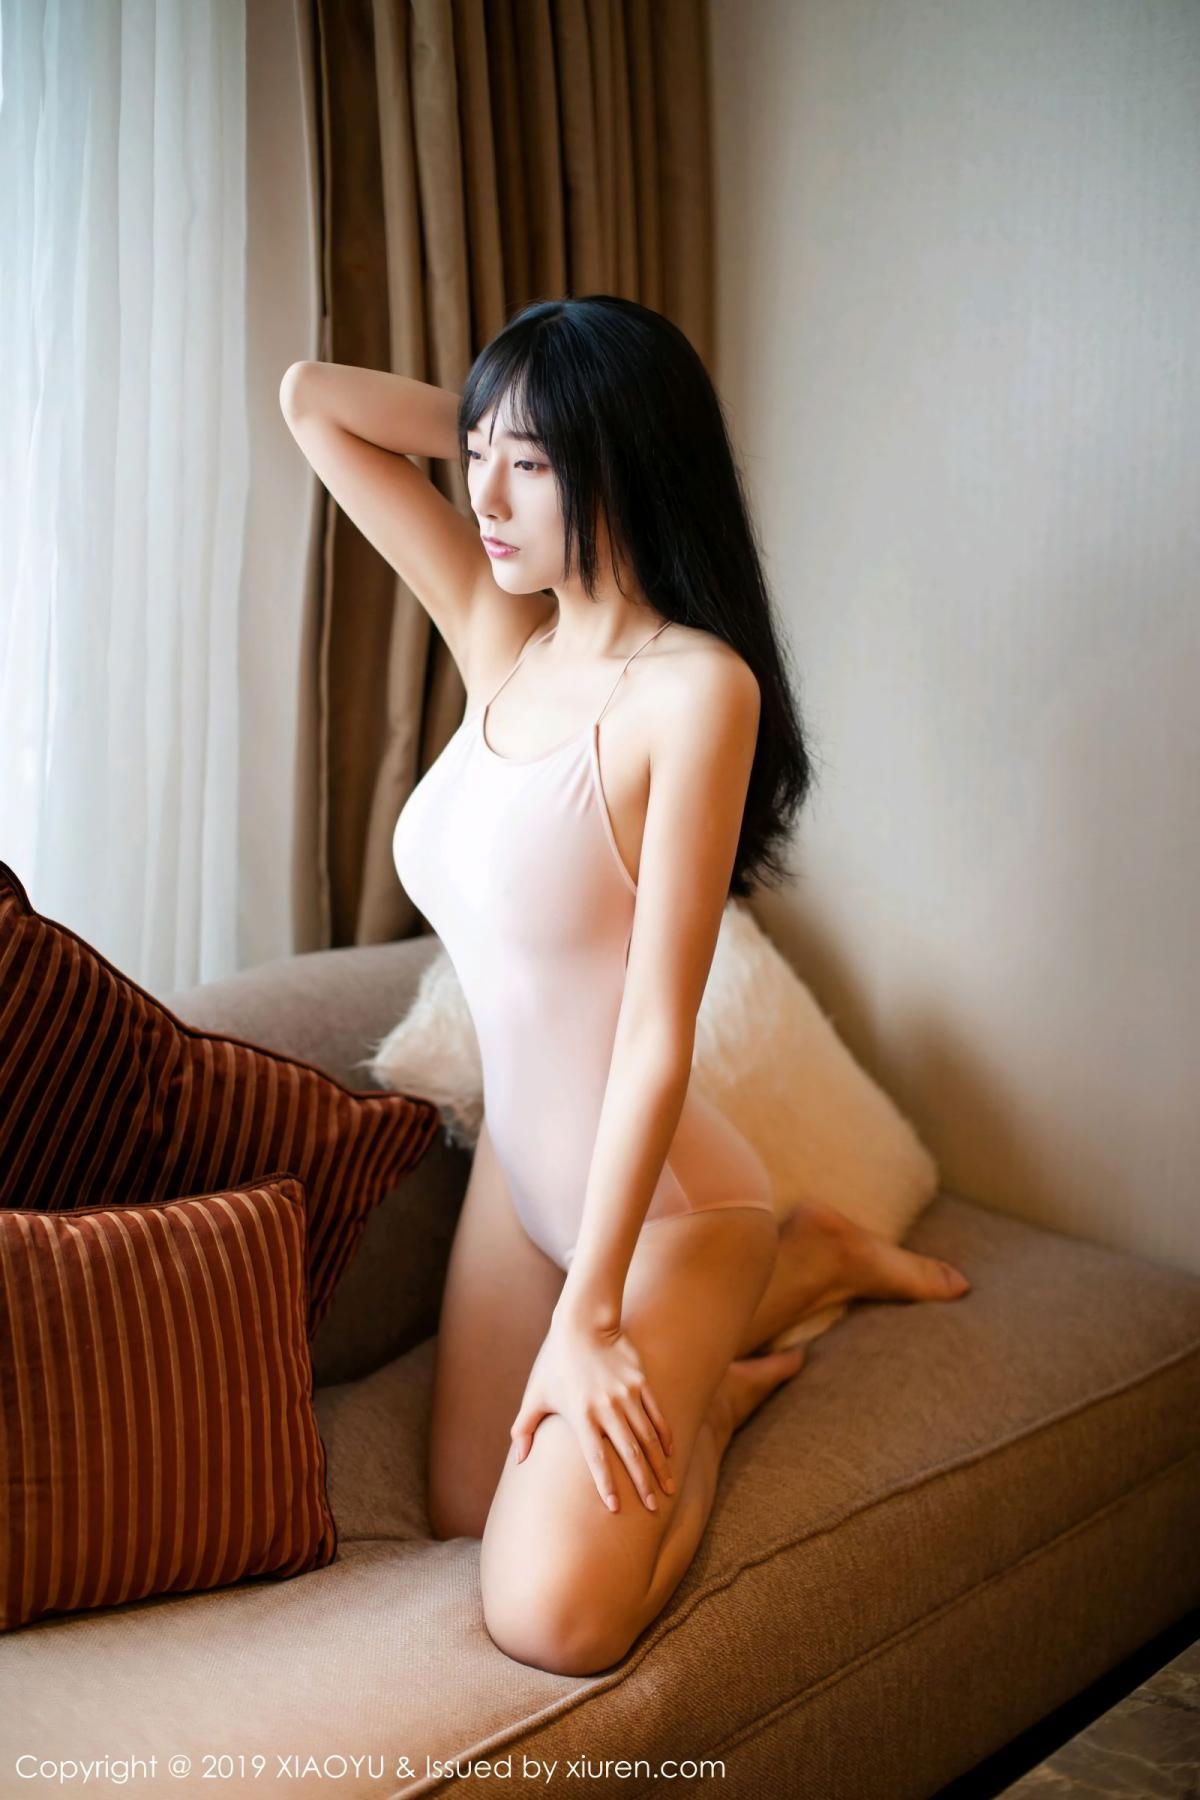 [XiaoYu] Vol.097 He Jia Ying 7P, He Jia Ying, Tall, XiaoYu